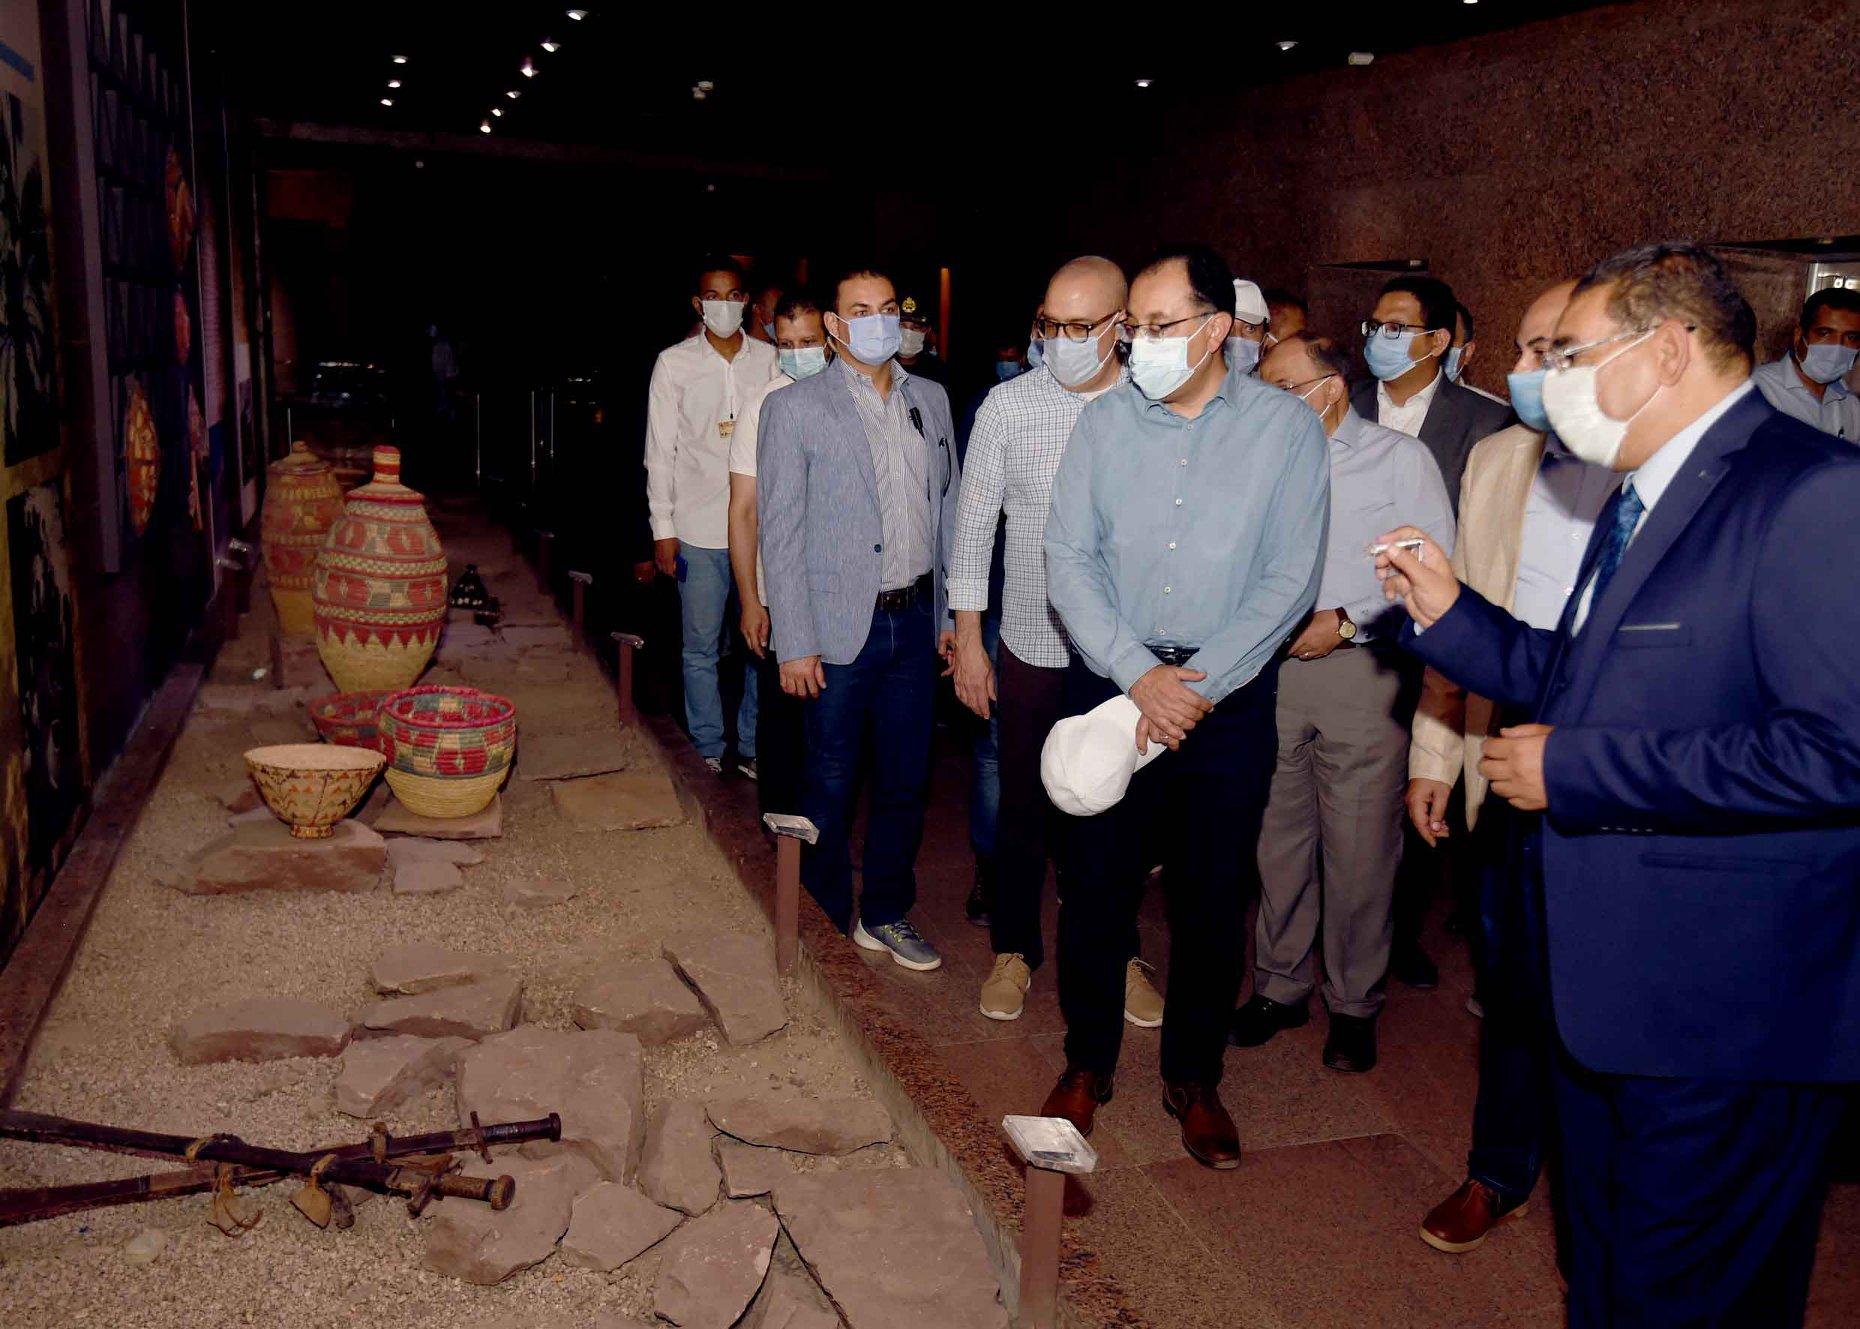 صور | رئيس الوزراء يتجول بمتحف النوبة ويطمئن على الالتزام بالإجراءات الاحترازية